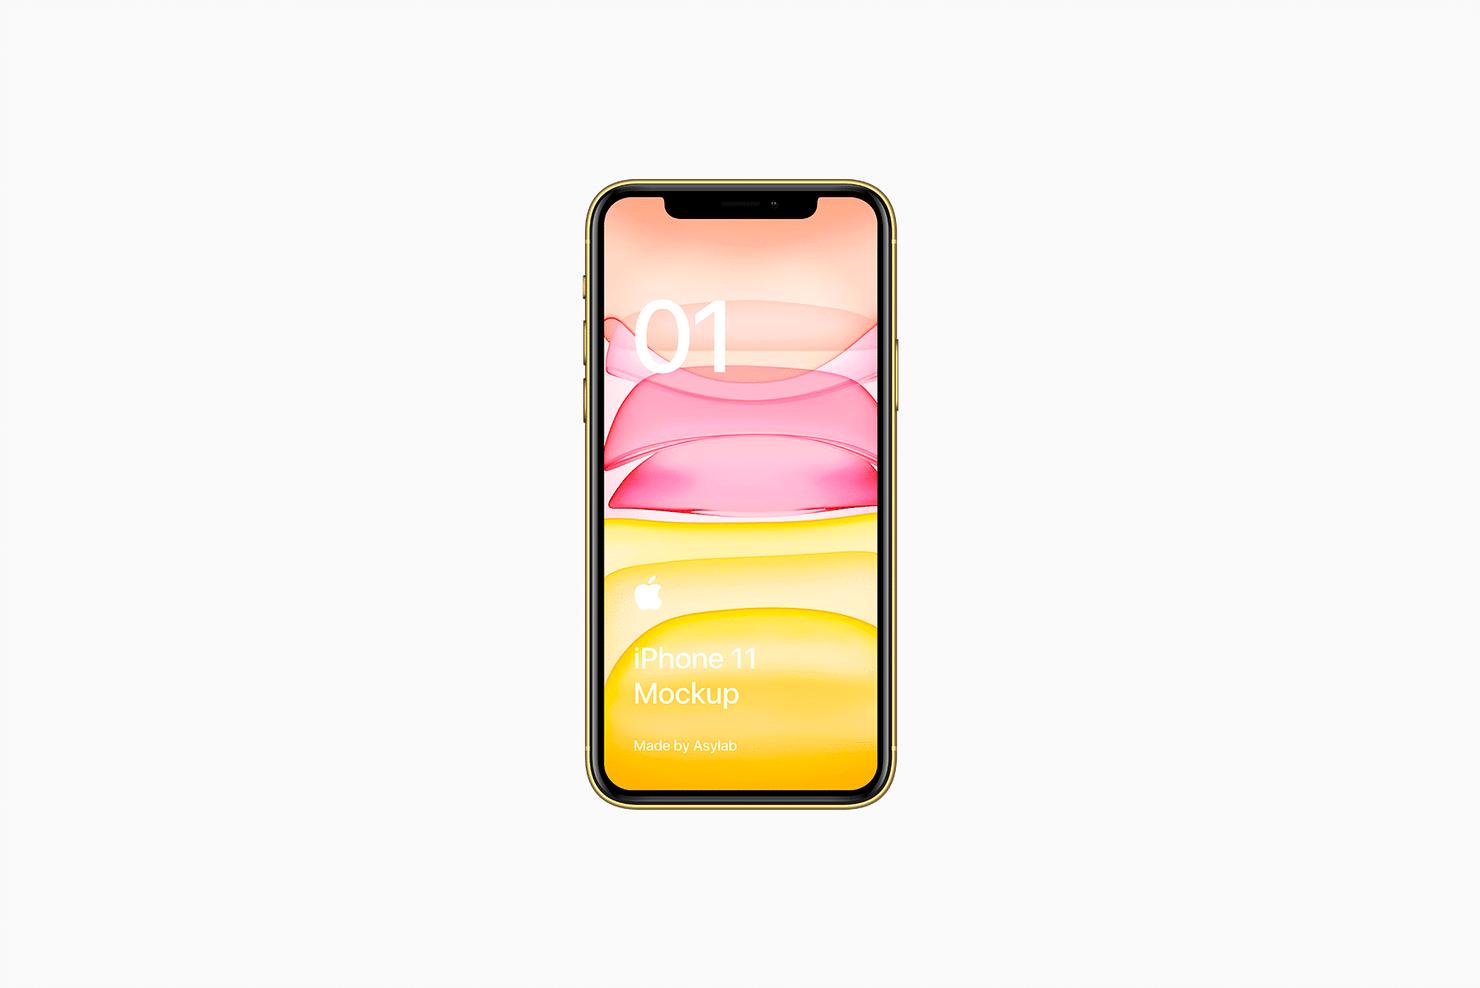 全新iPhone 11手机屏幕界面演示样机PSD模板 iPhone 11 Mockup PSD插图(5)